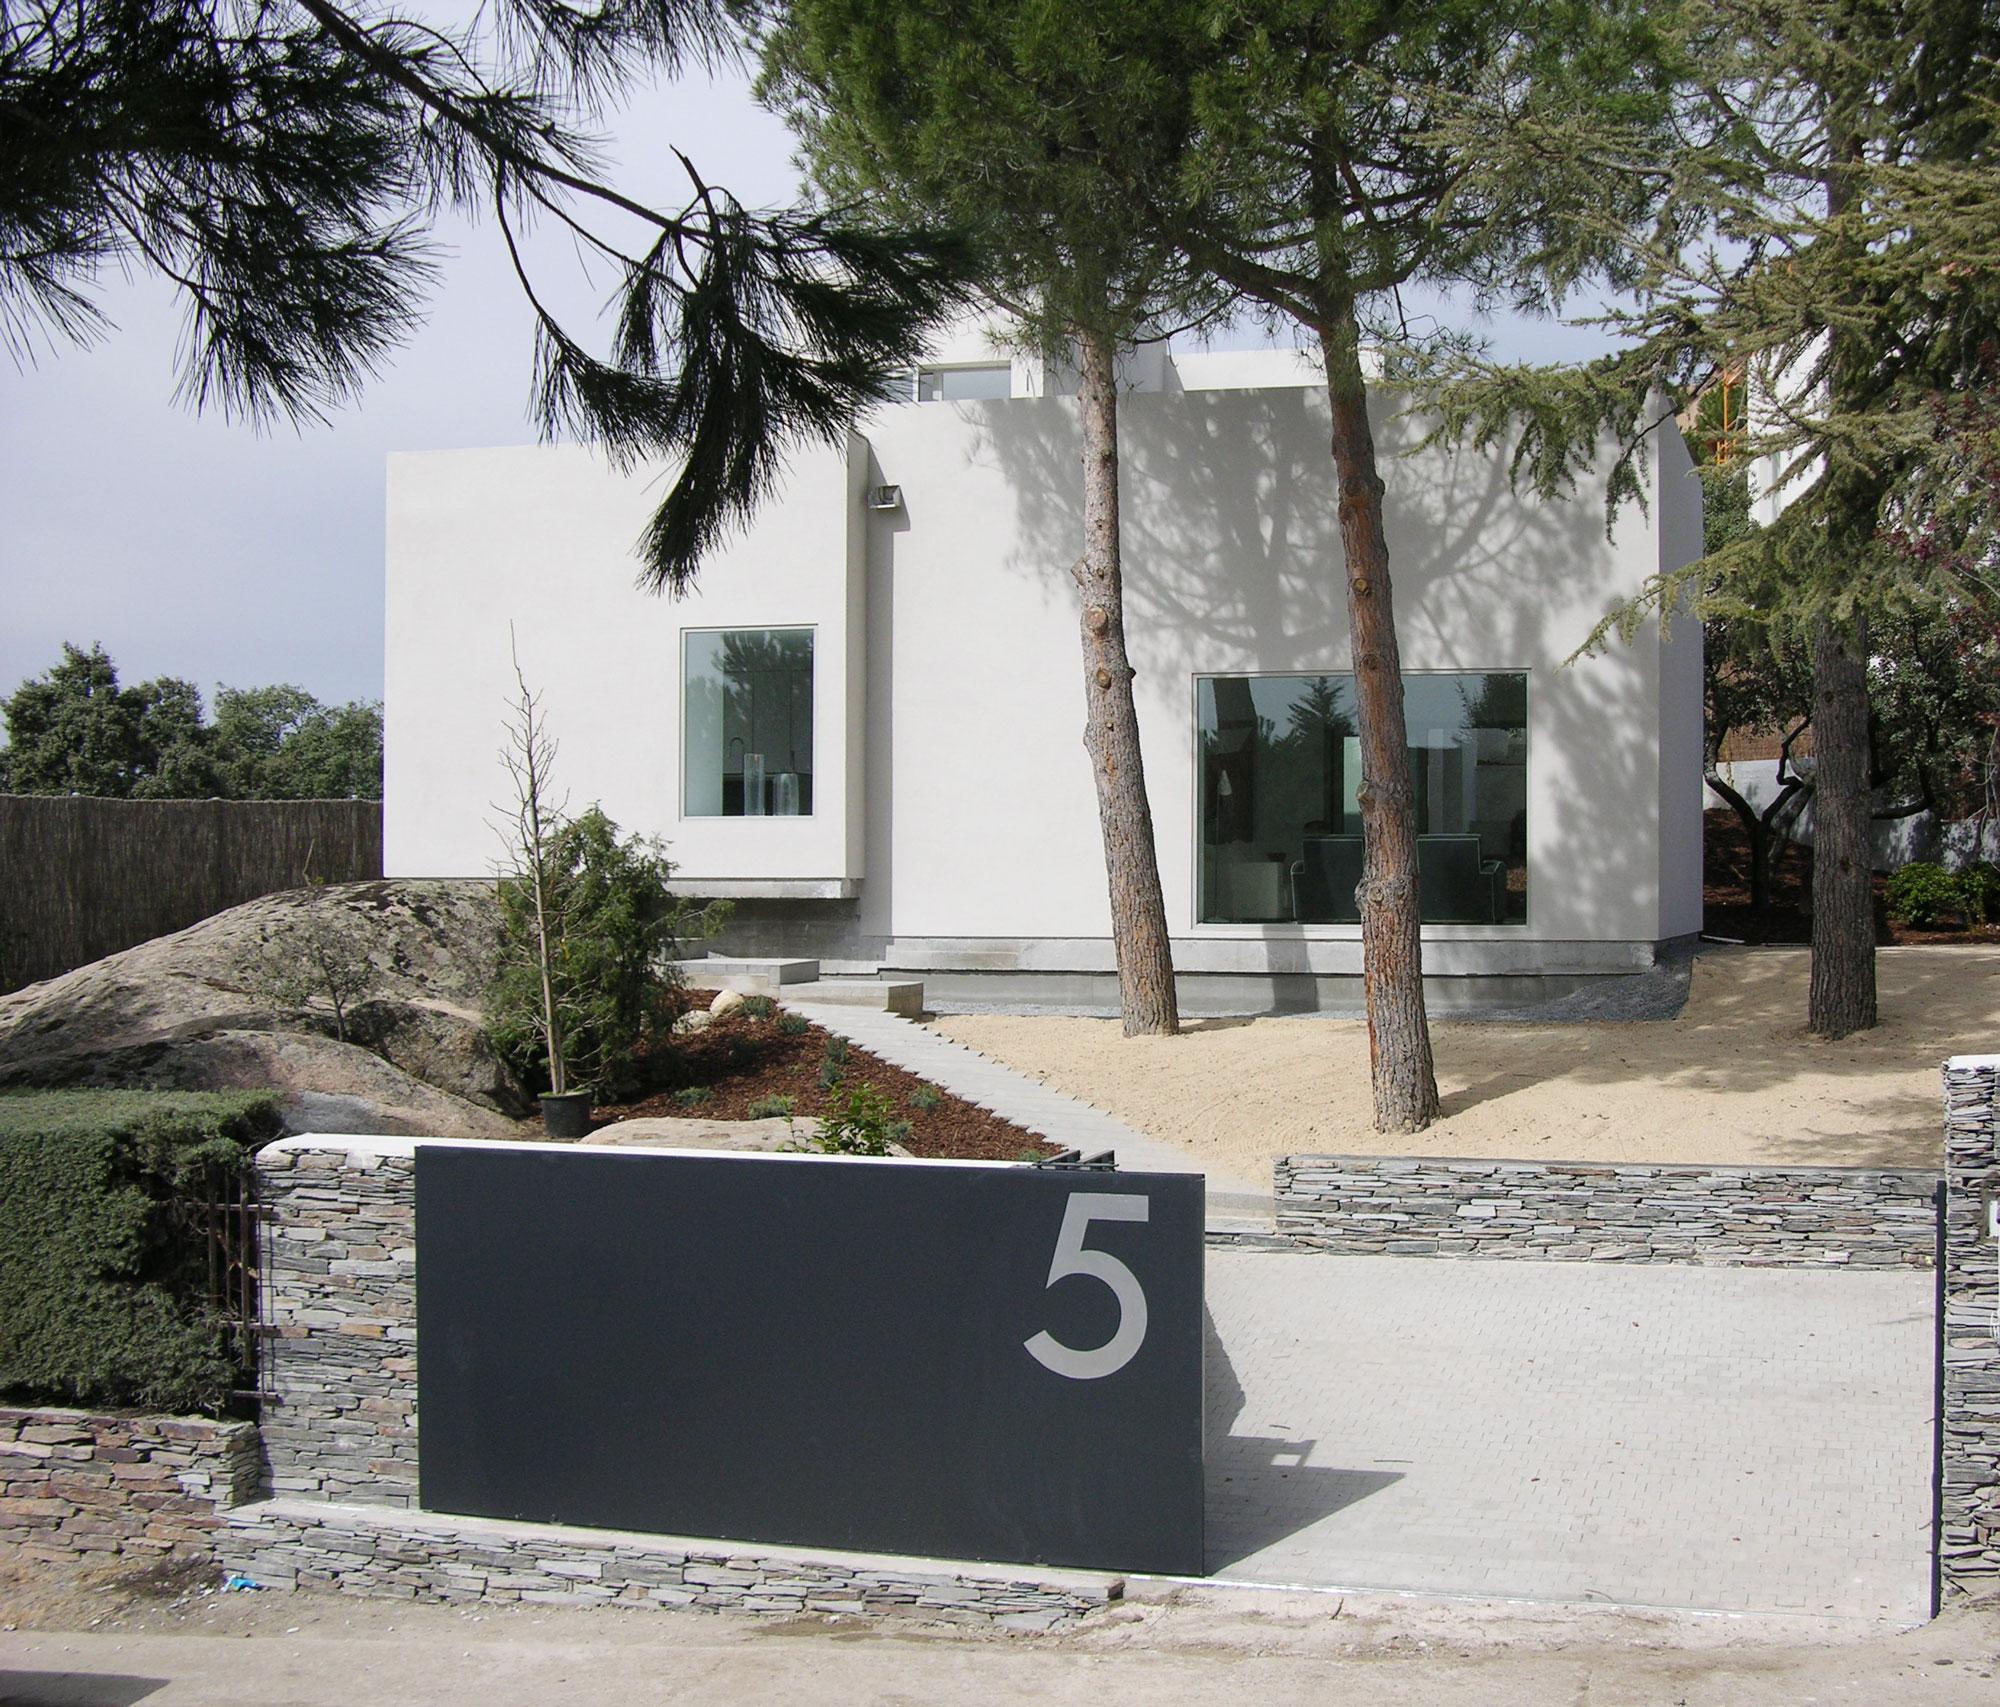 Casa del Pico